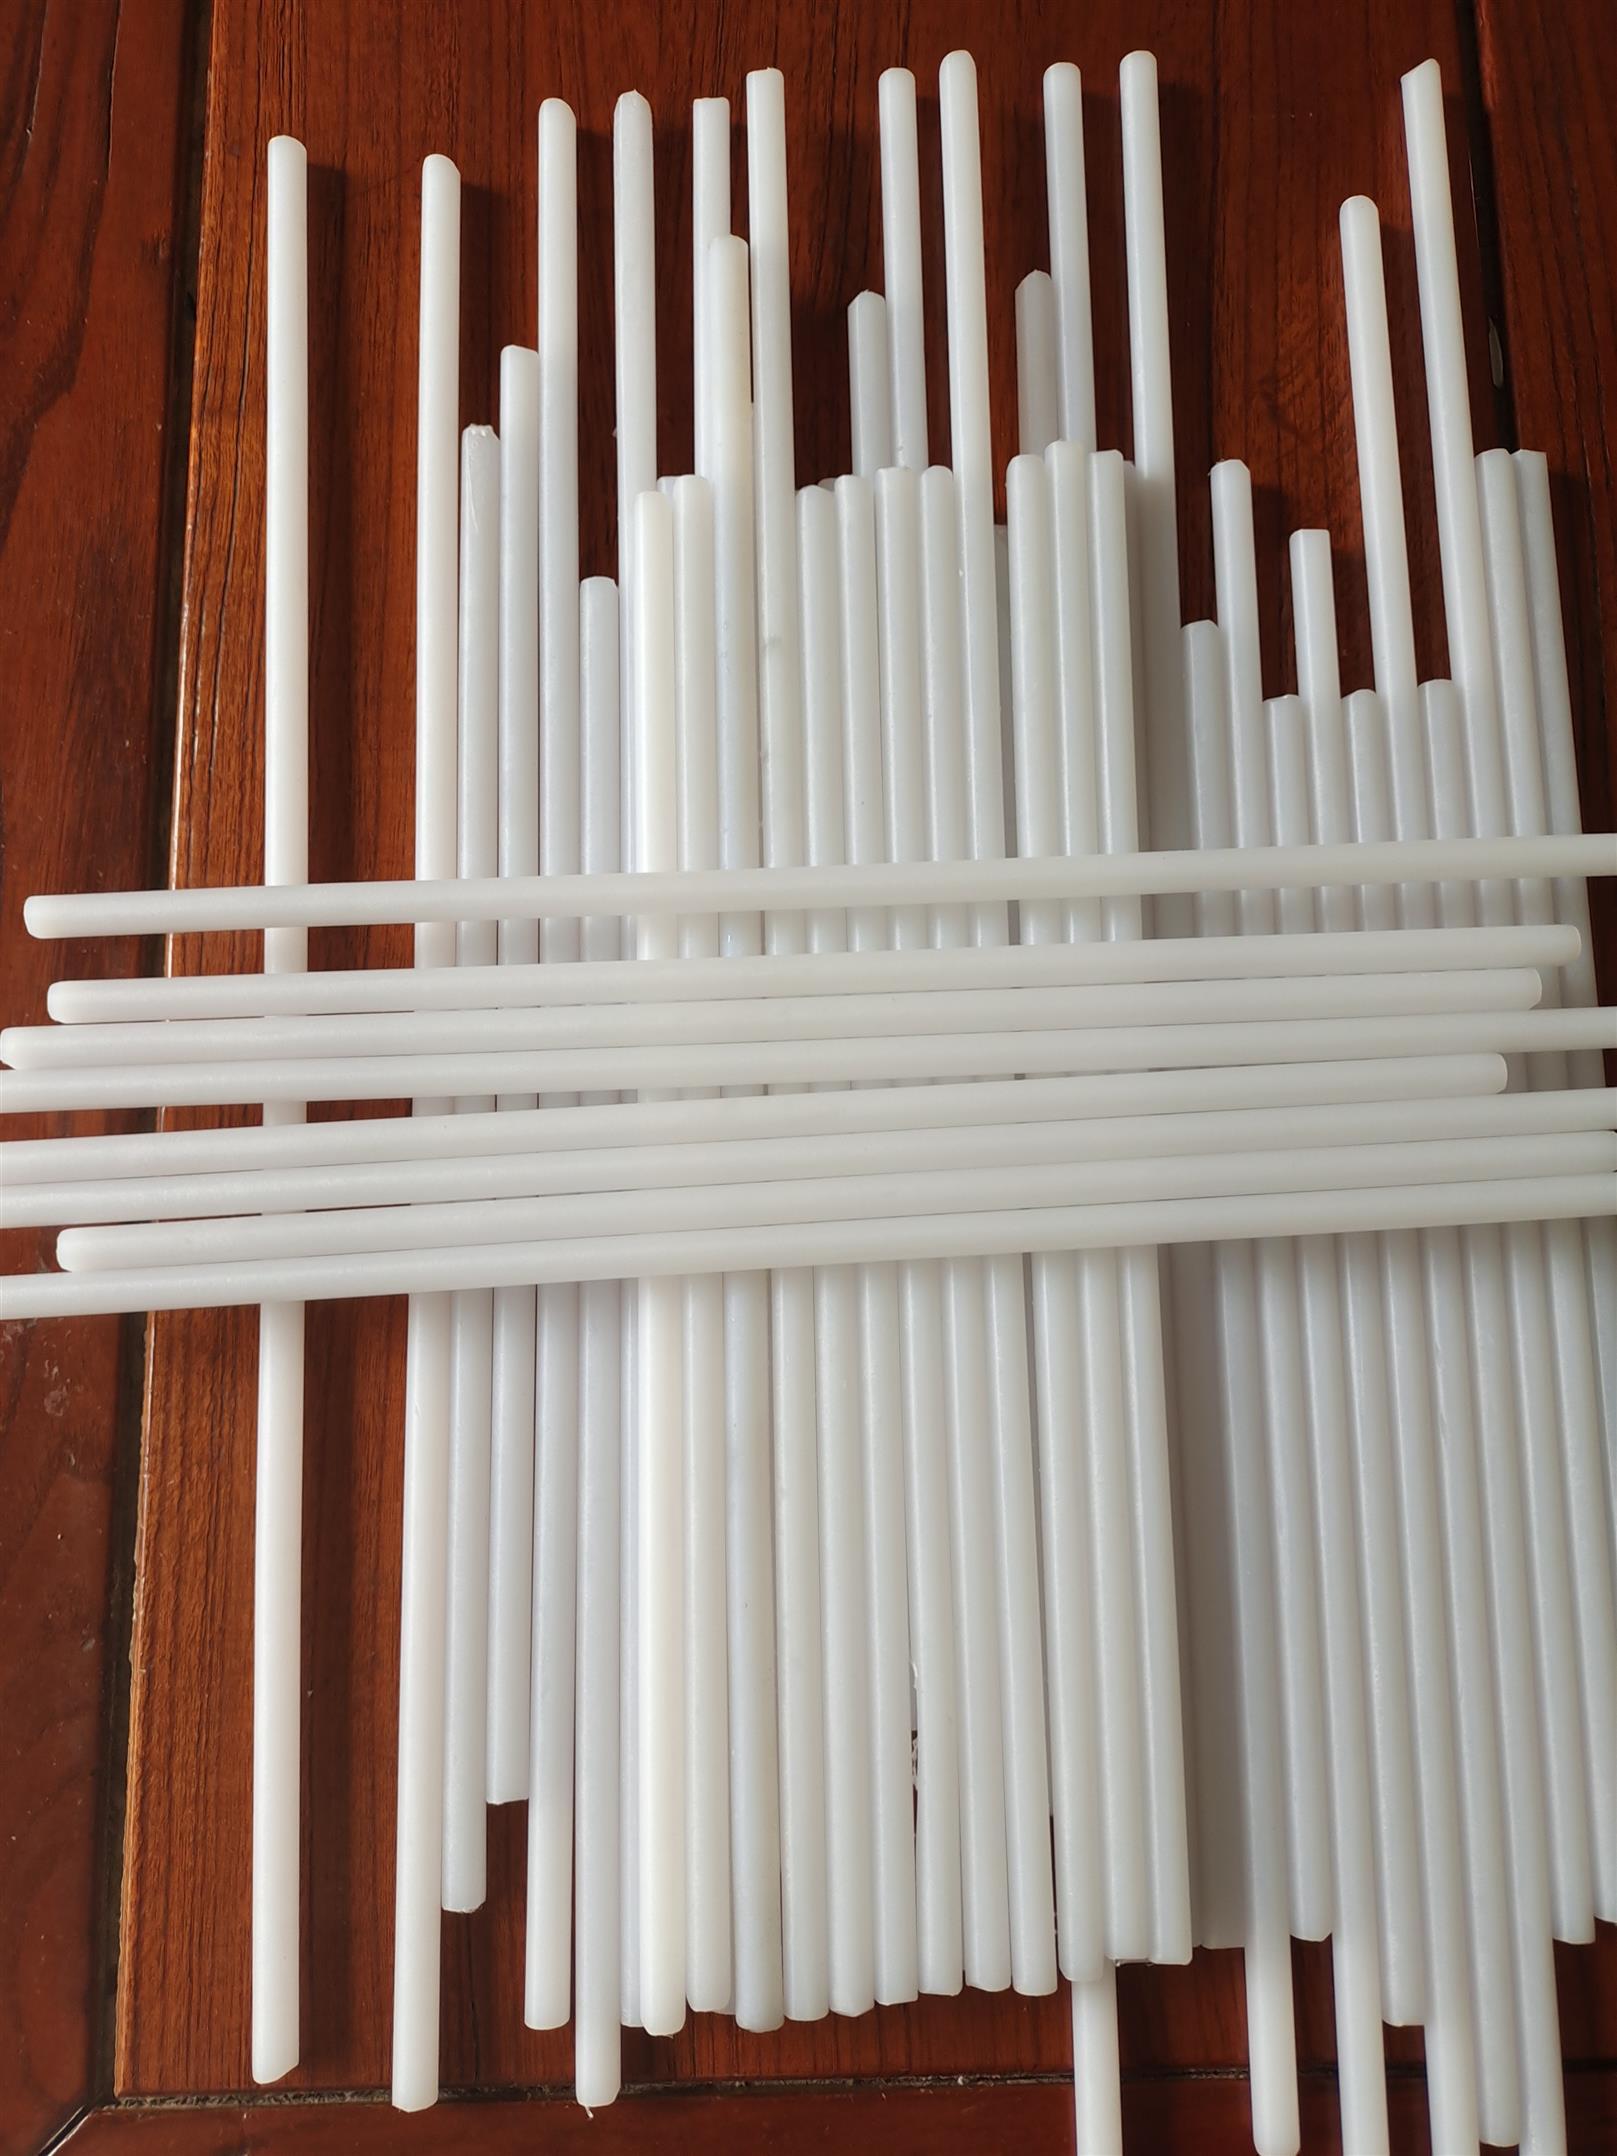 蘭州白色半透明PFA模壓棒報價 可溶性聚四氟乙烯棒